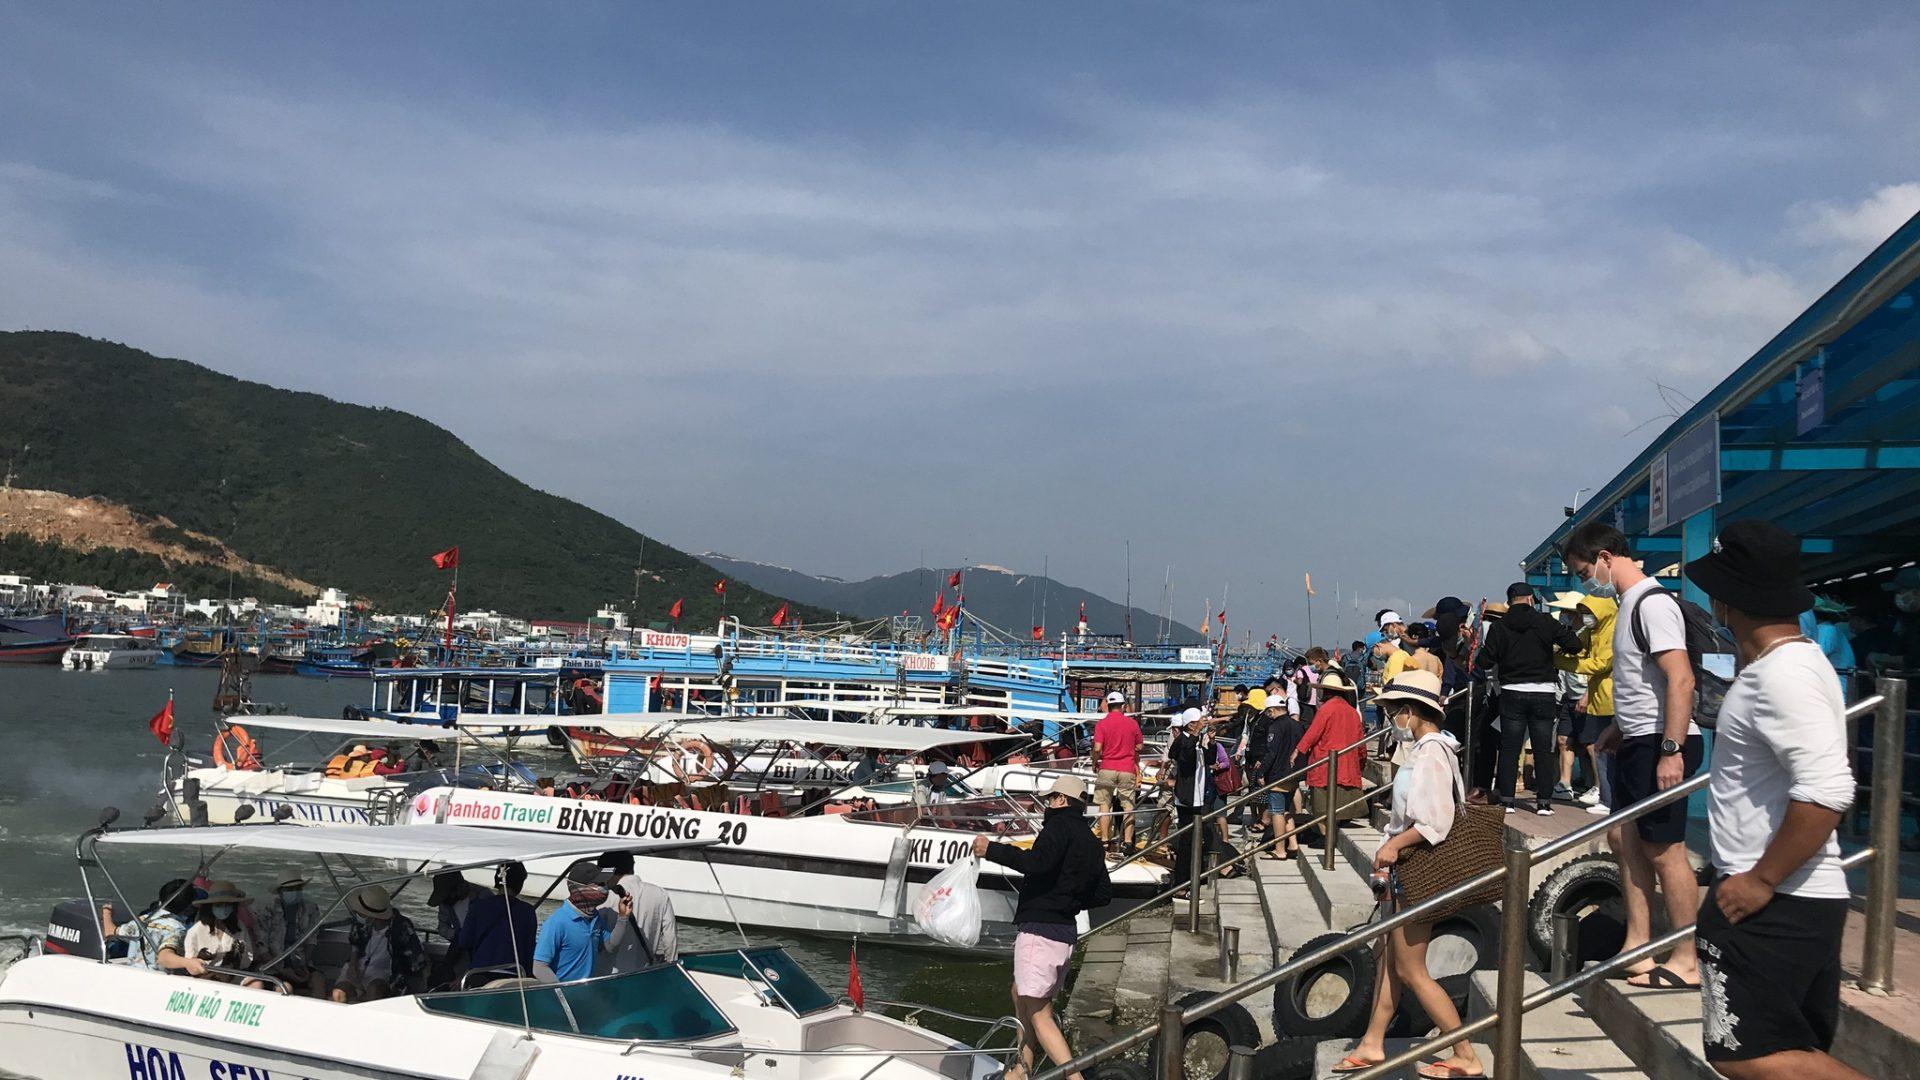 Du lịch nghỉ lễ 30.4 - 1.5: Nha Trang vừa đón khách, vừa tăng cường phòng dịch Covid-19 - ảnh 2